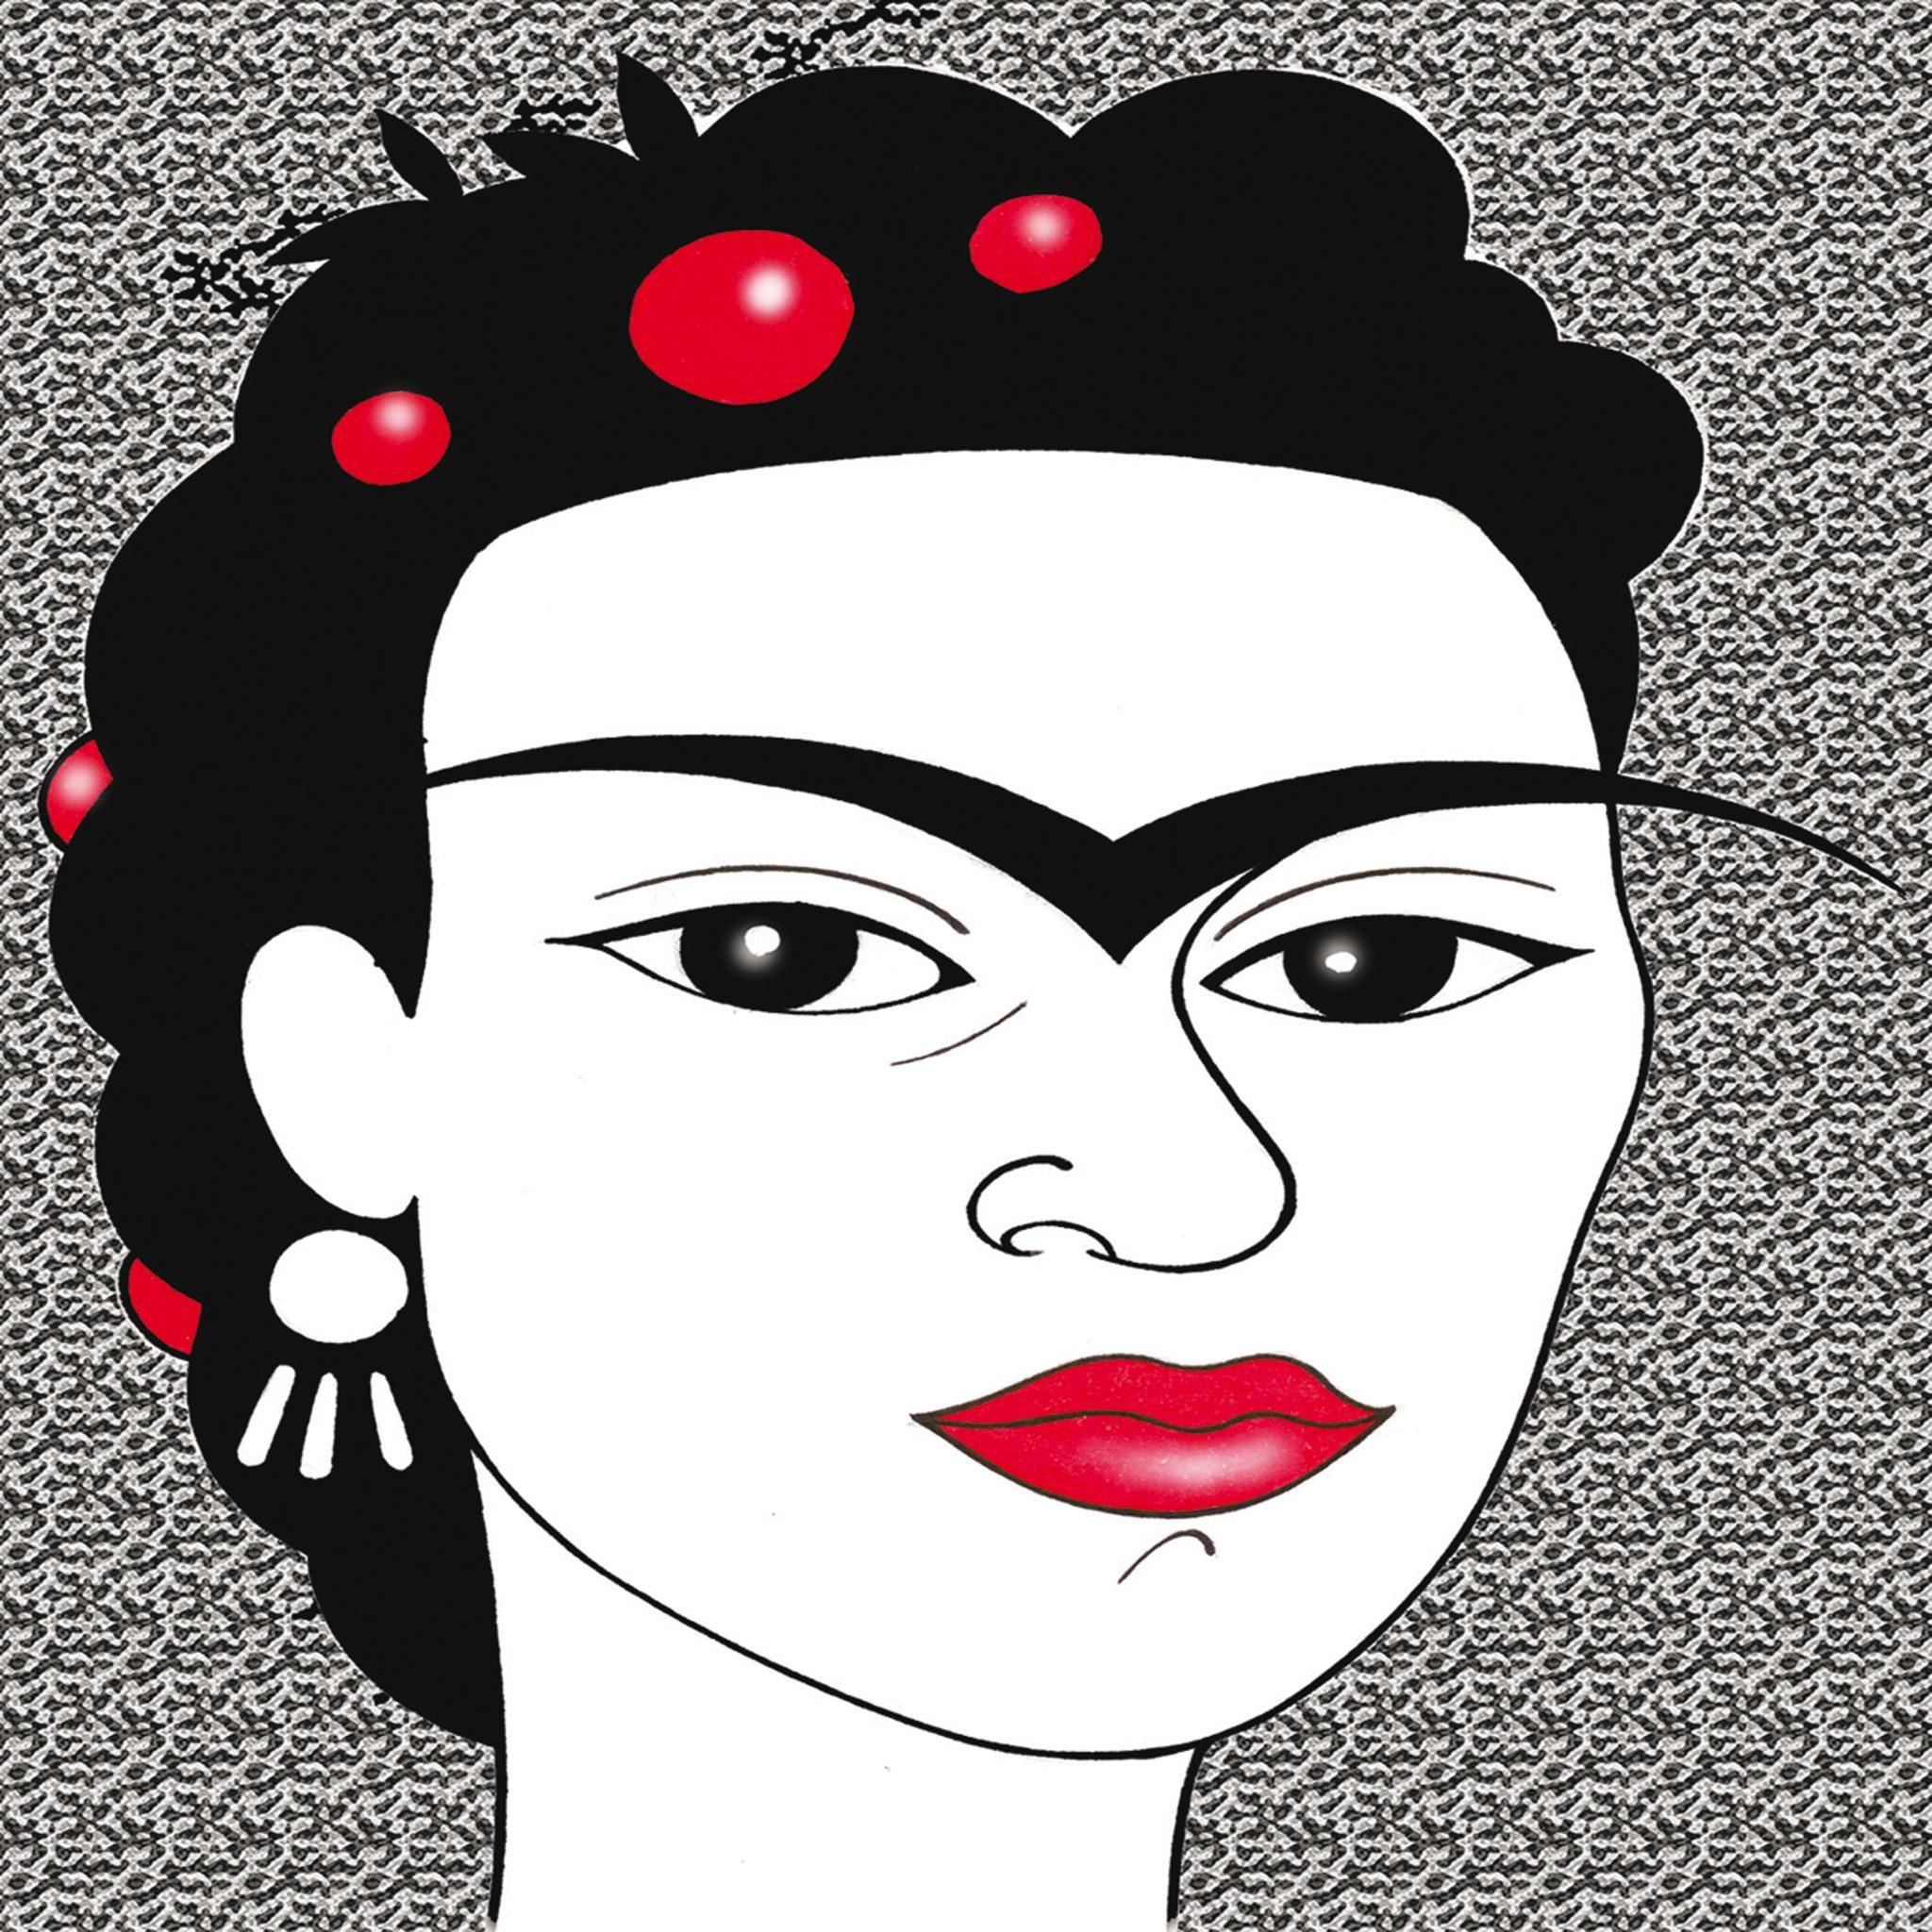 Frida Kalho por Cristina Figueroa